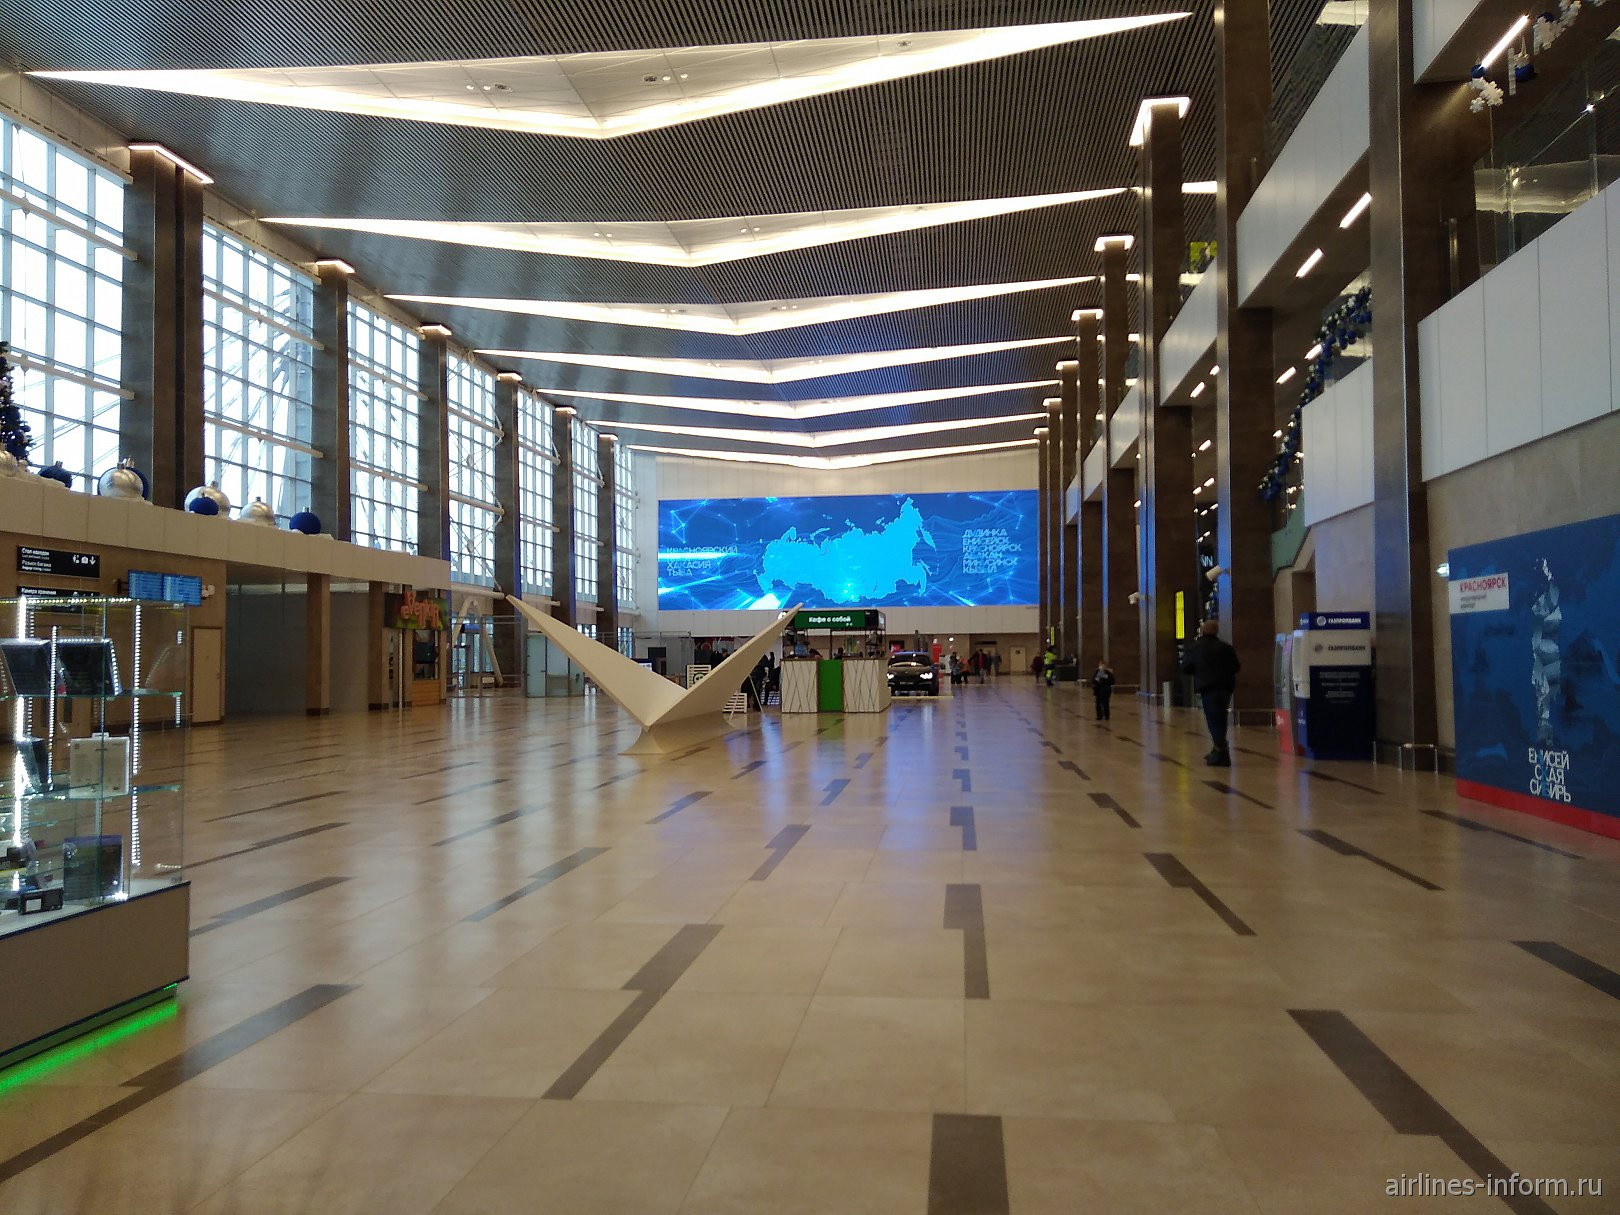 Общий зал нового терминала аэропорта Красноярск Емельяново